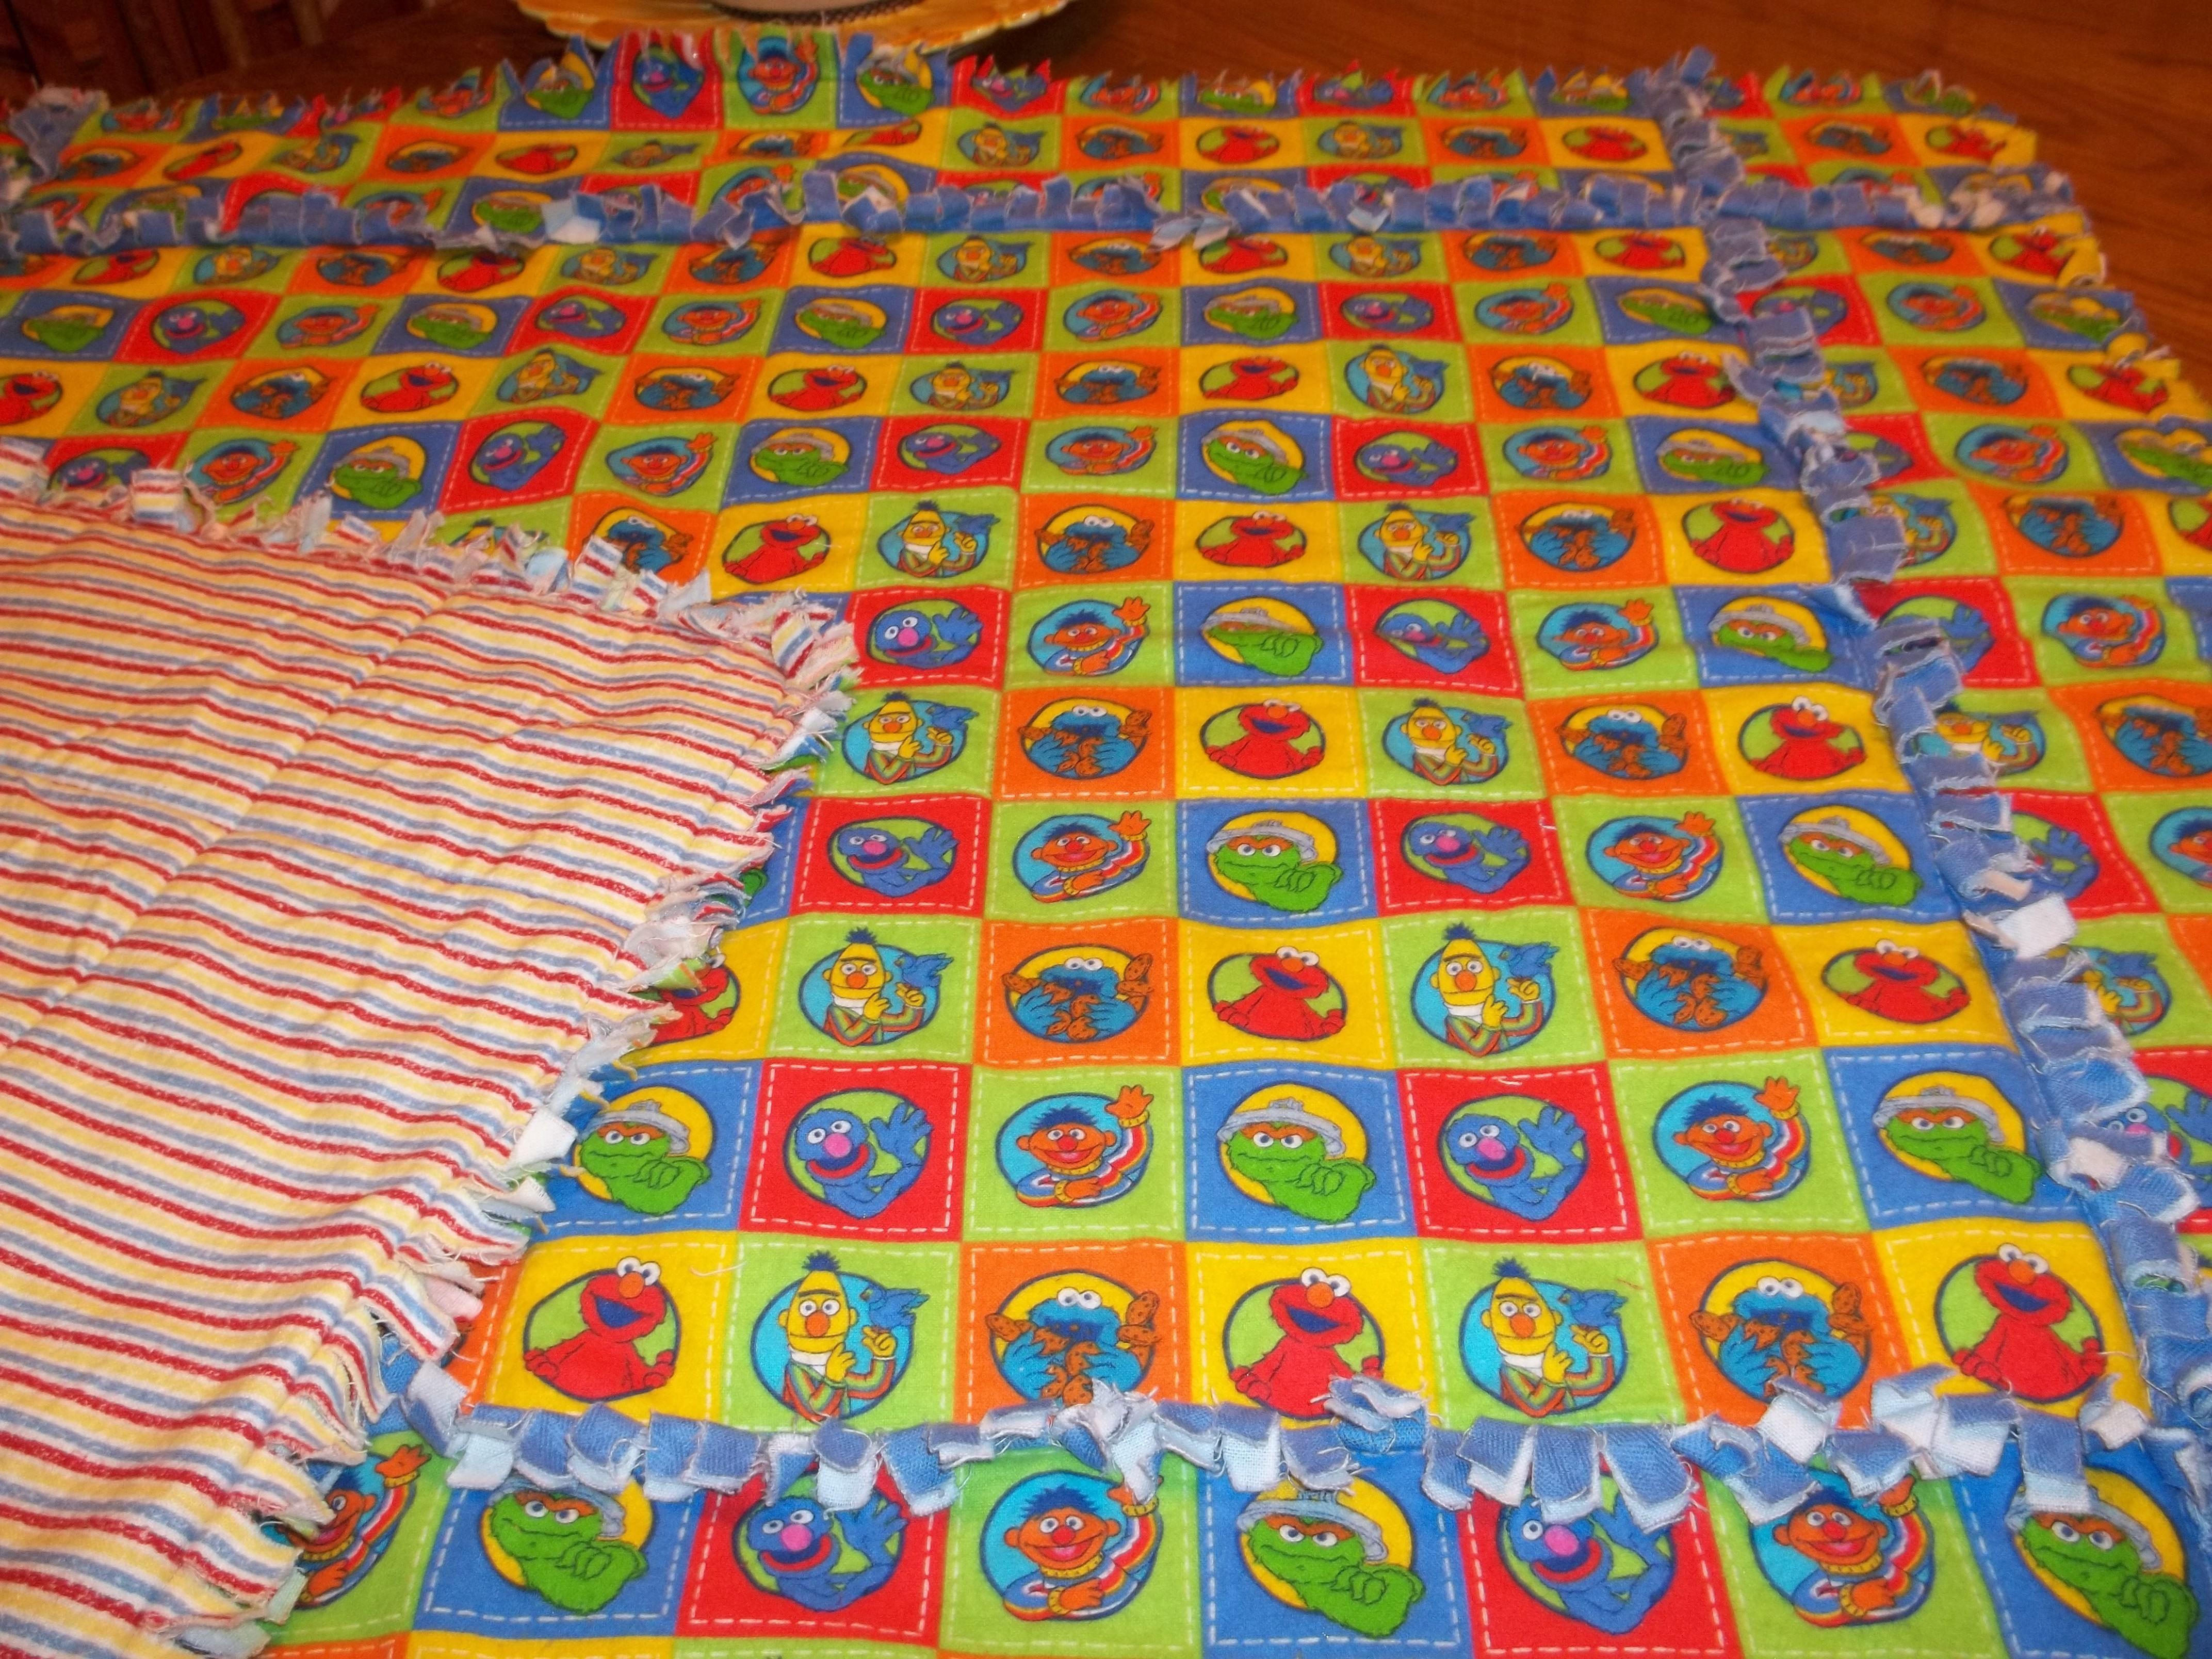 Homemade Sesame street rag quilt